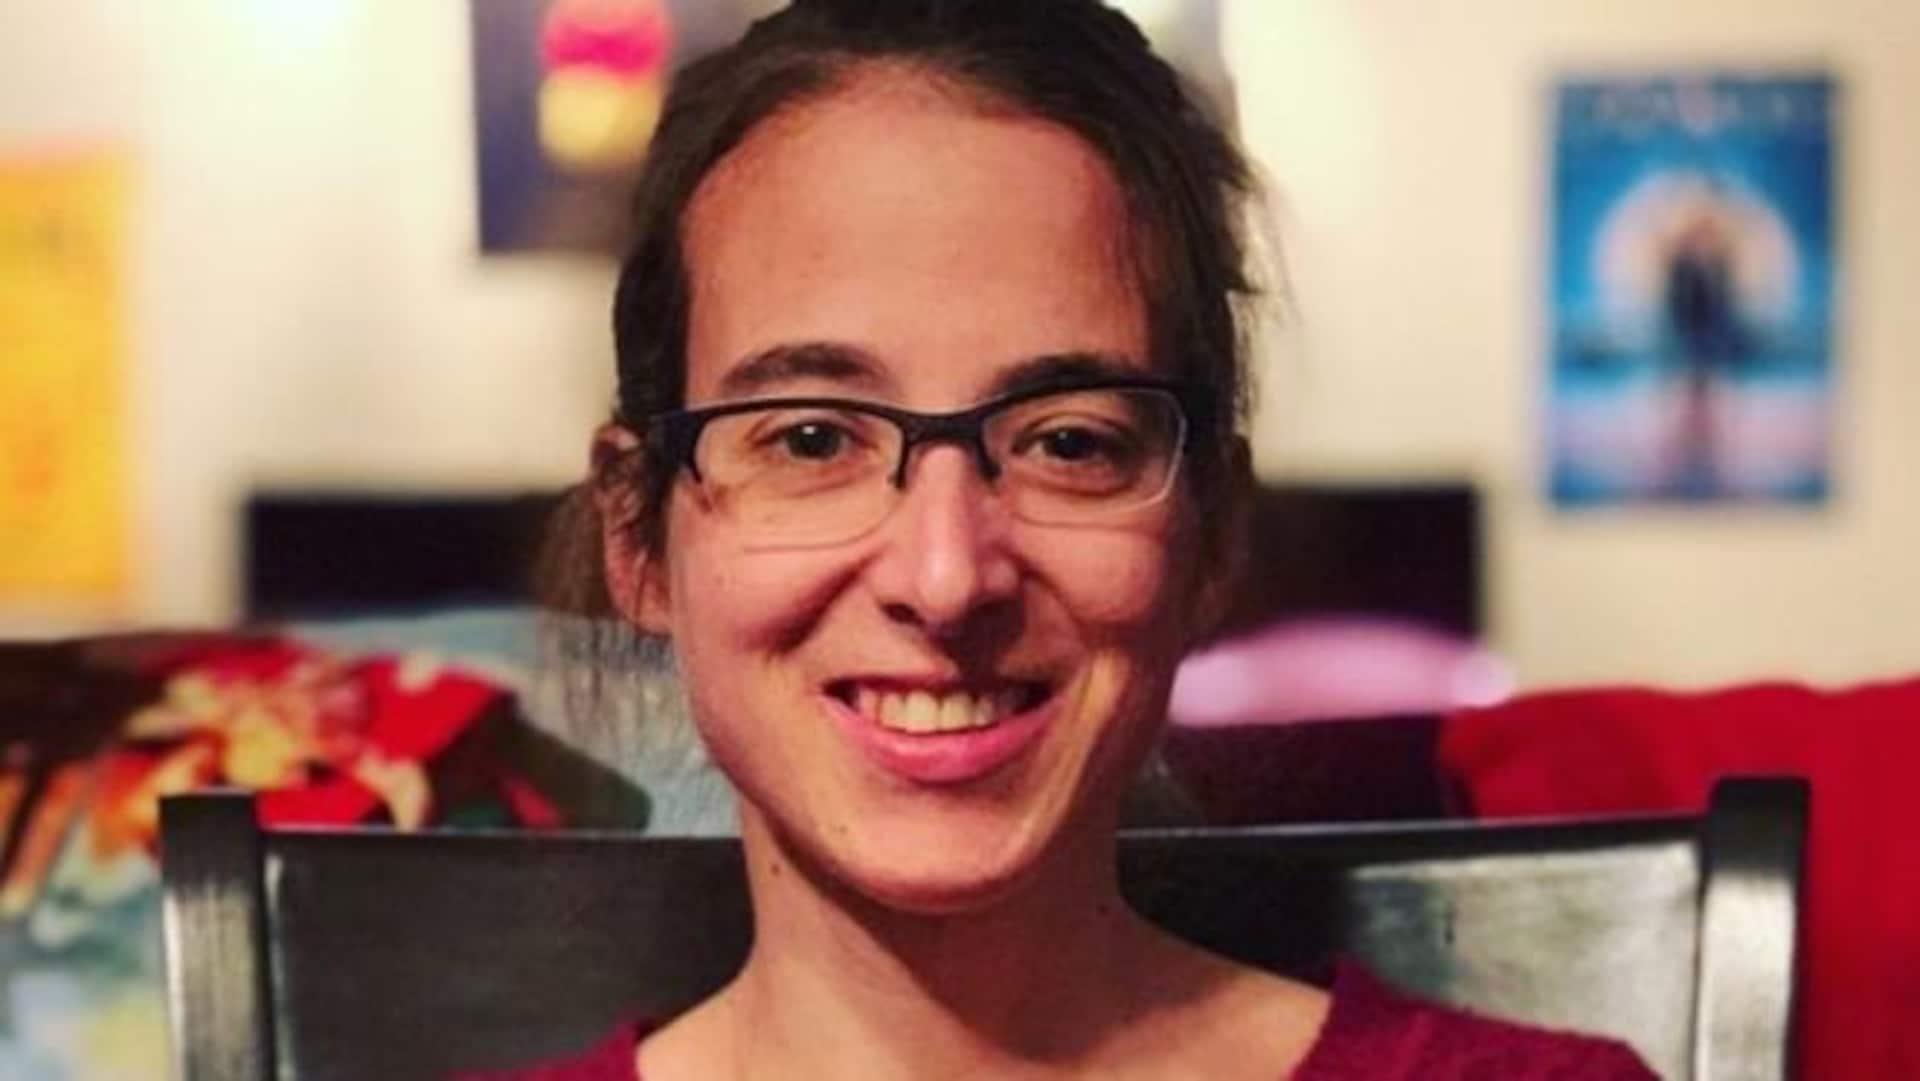 Portrait en couleur de l'autrice Sophie René de Cotret. Elle porte des lunettes et un chandail rouge.